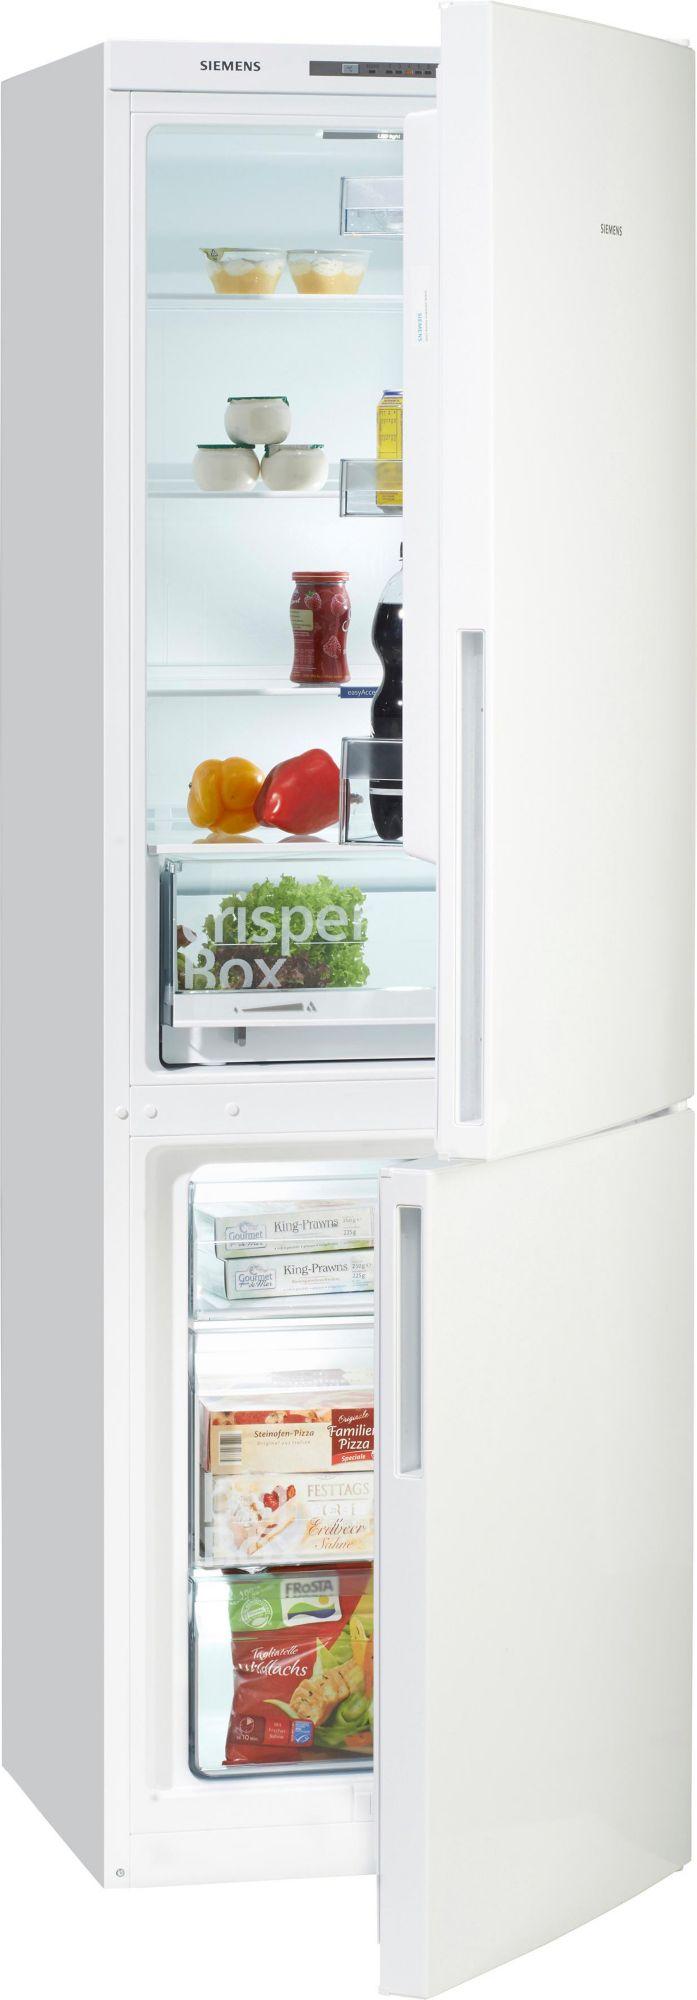 Kühlschränke im Online-Shop   Der Schwab Versand   Haushalt ...